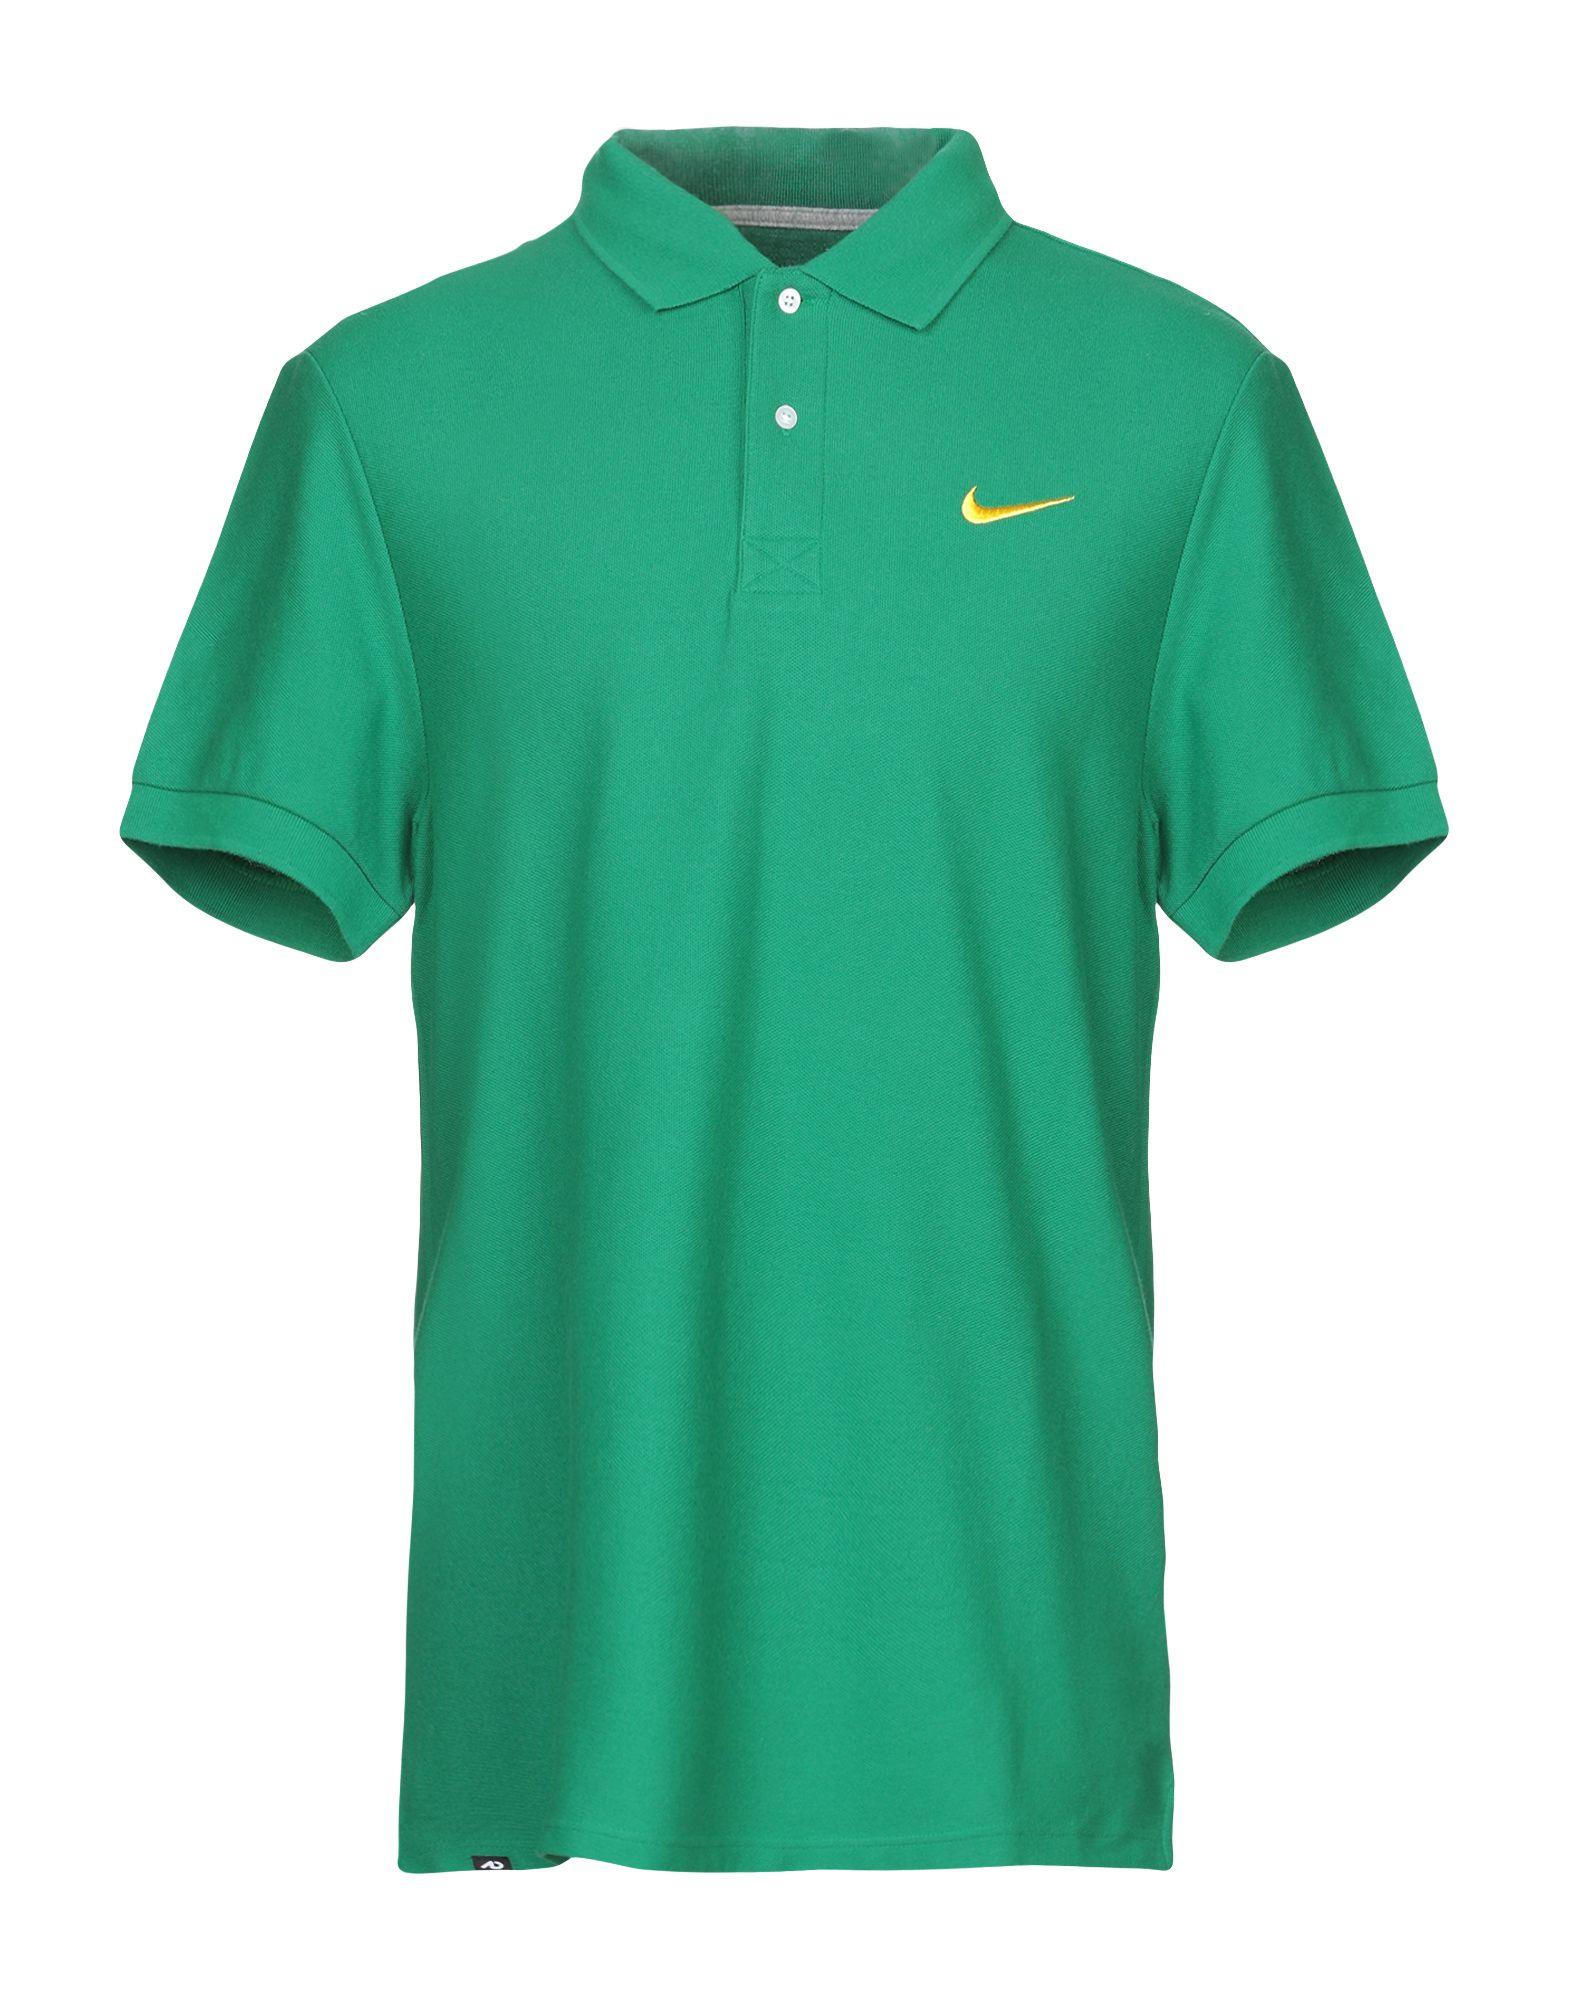 《送料無料》NIKE メンズ ポロシャツ グリーン S コットン 100%